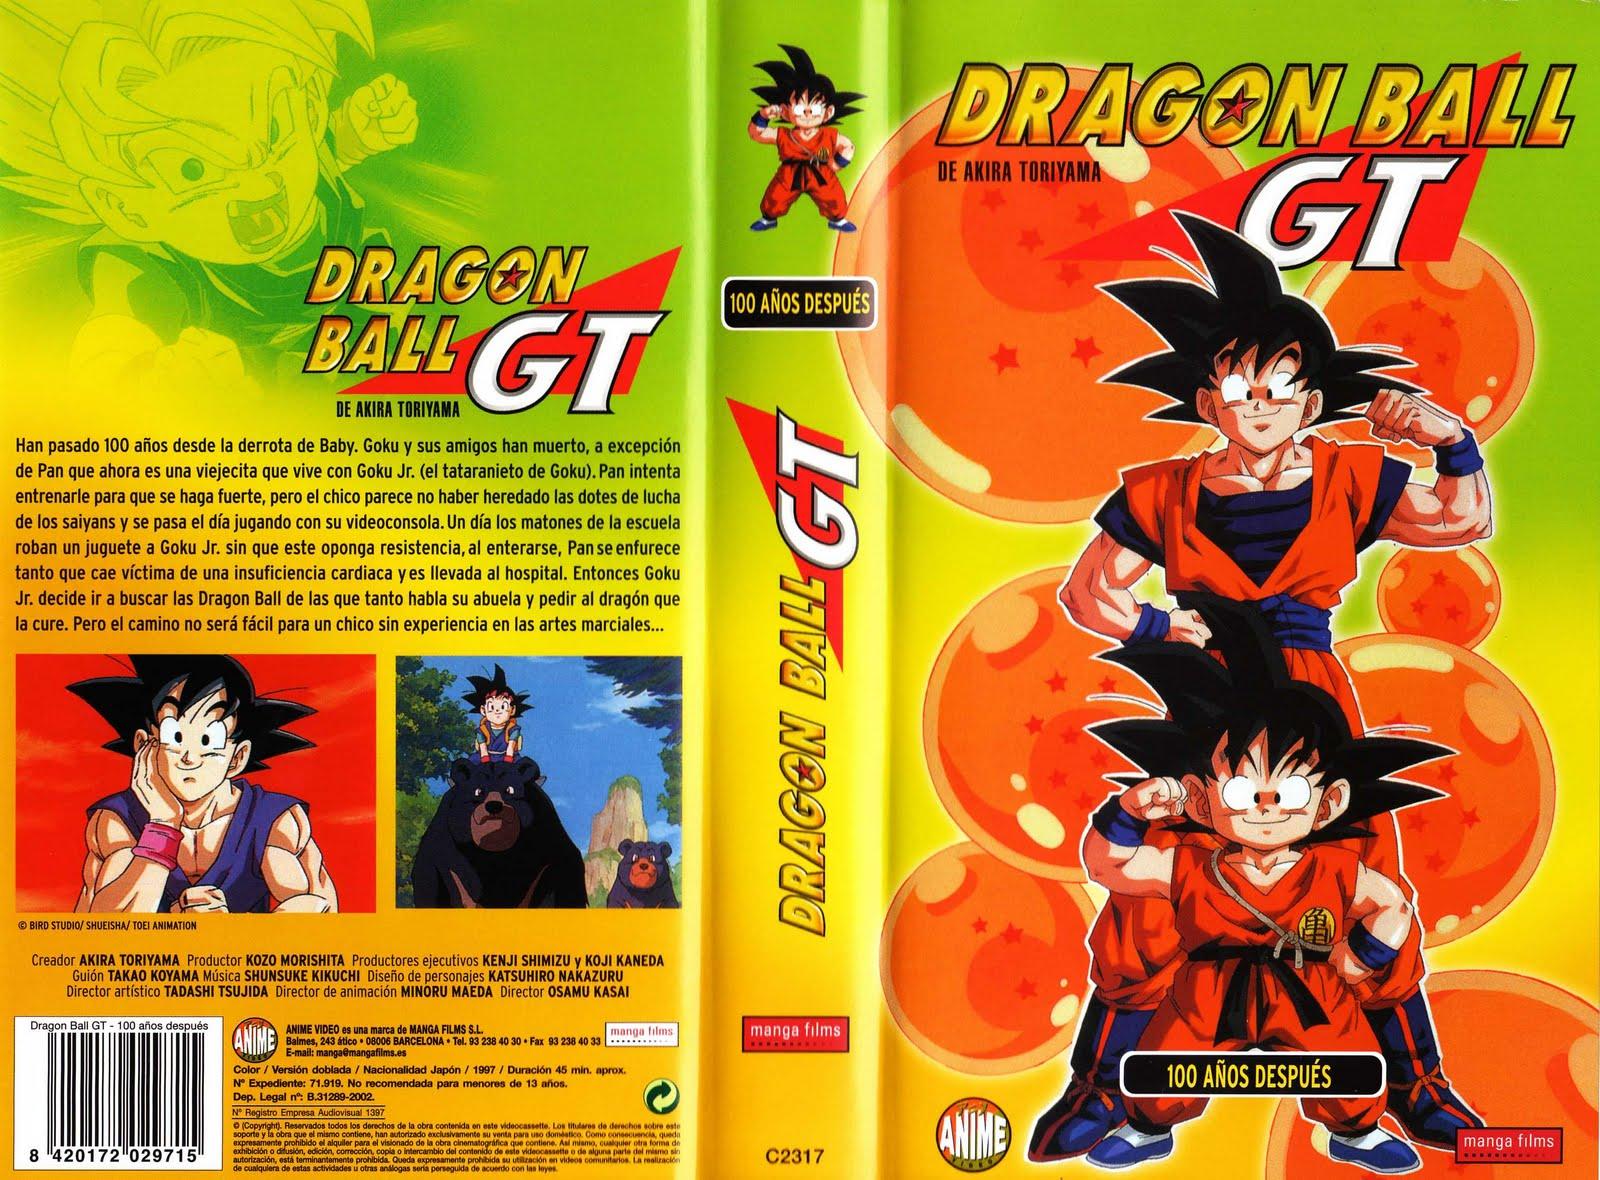 Imagen  VHS DRAGON BALL GT LAS PELICULAS MANGA FILMS 1jpg